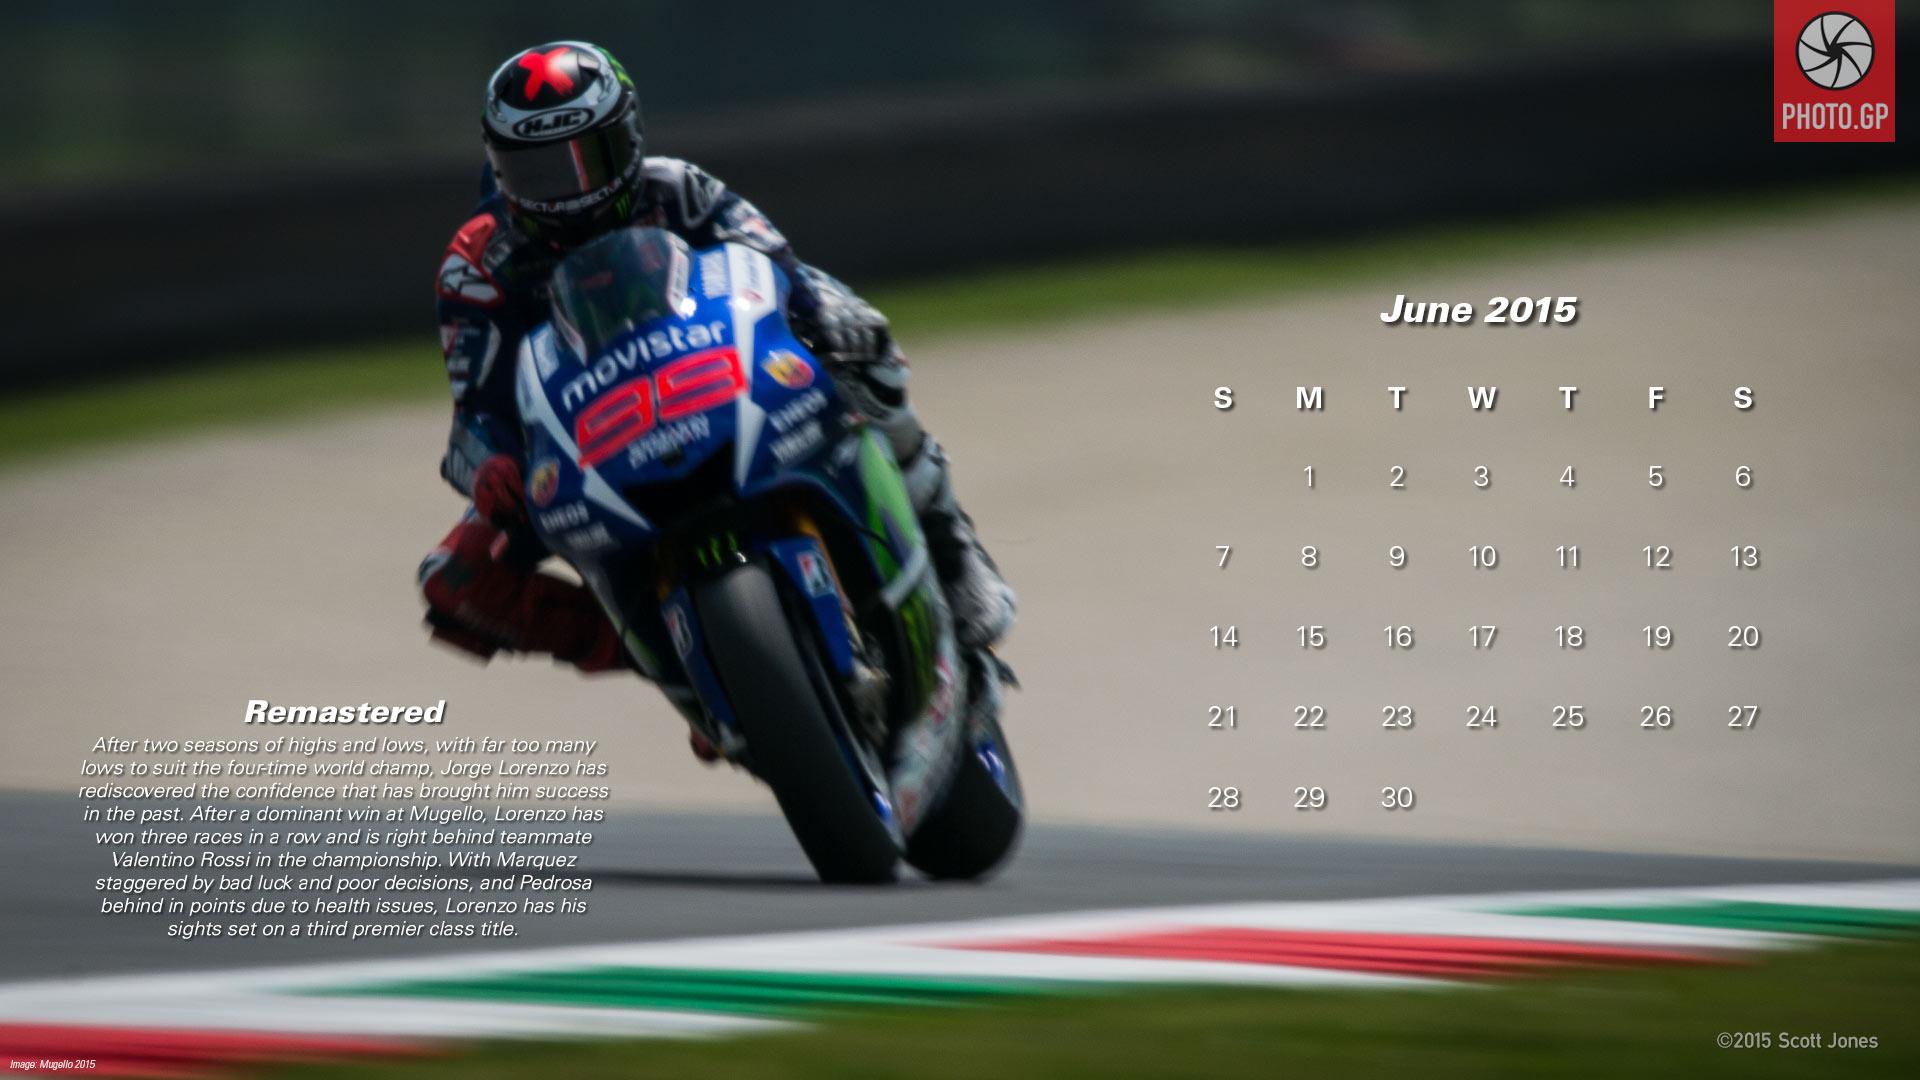 Календарь в стиле MotoGP на июнь 2015 года от фотографа Скотта Джонса